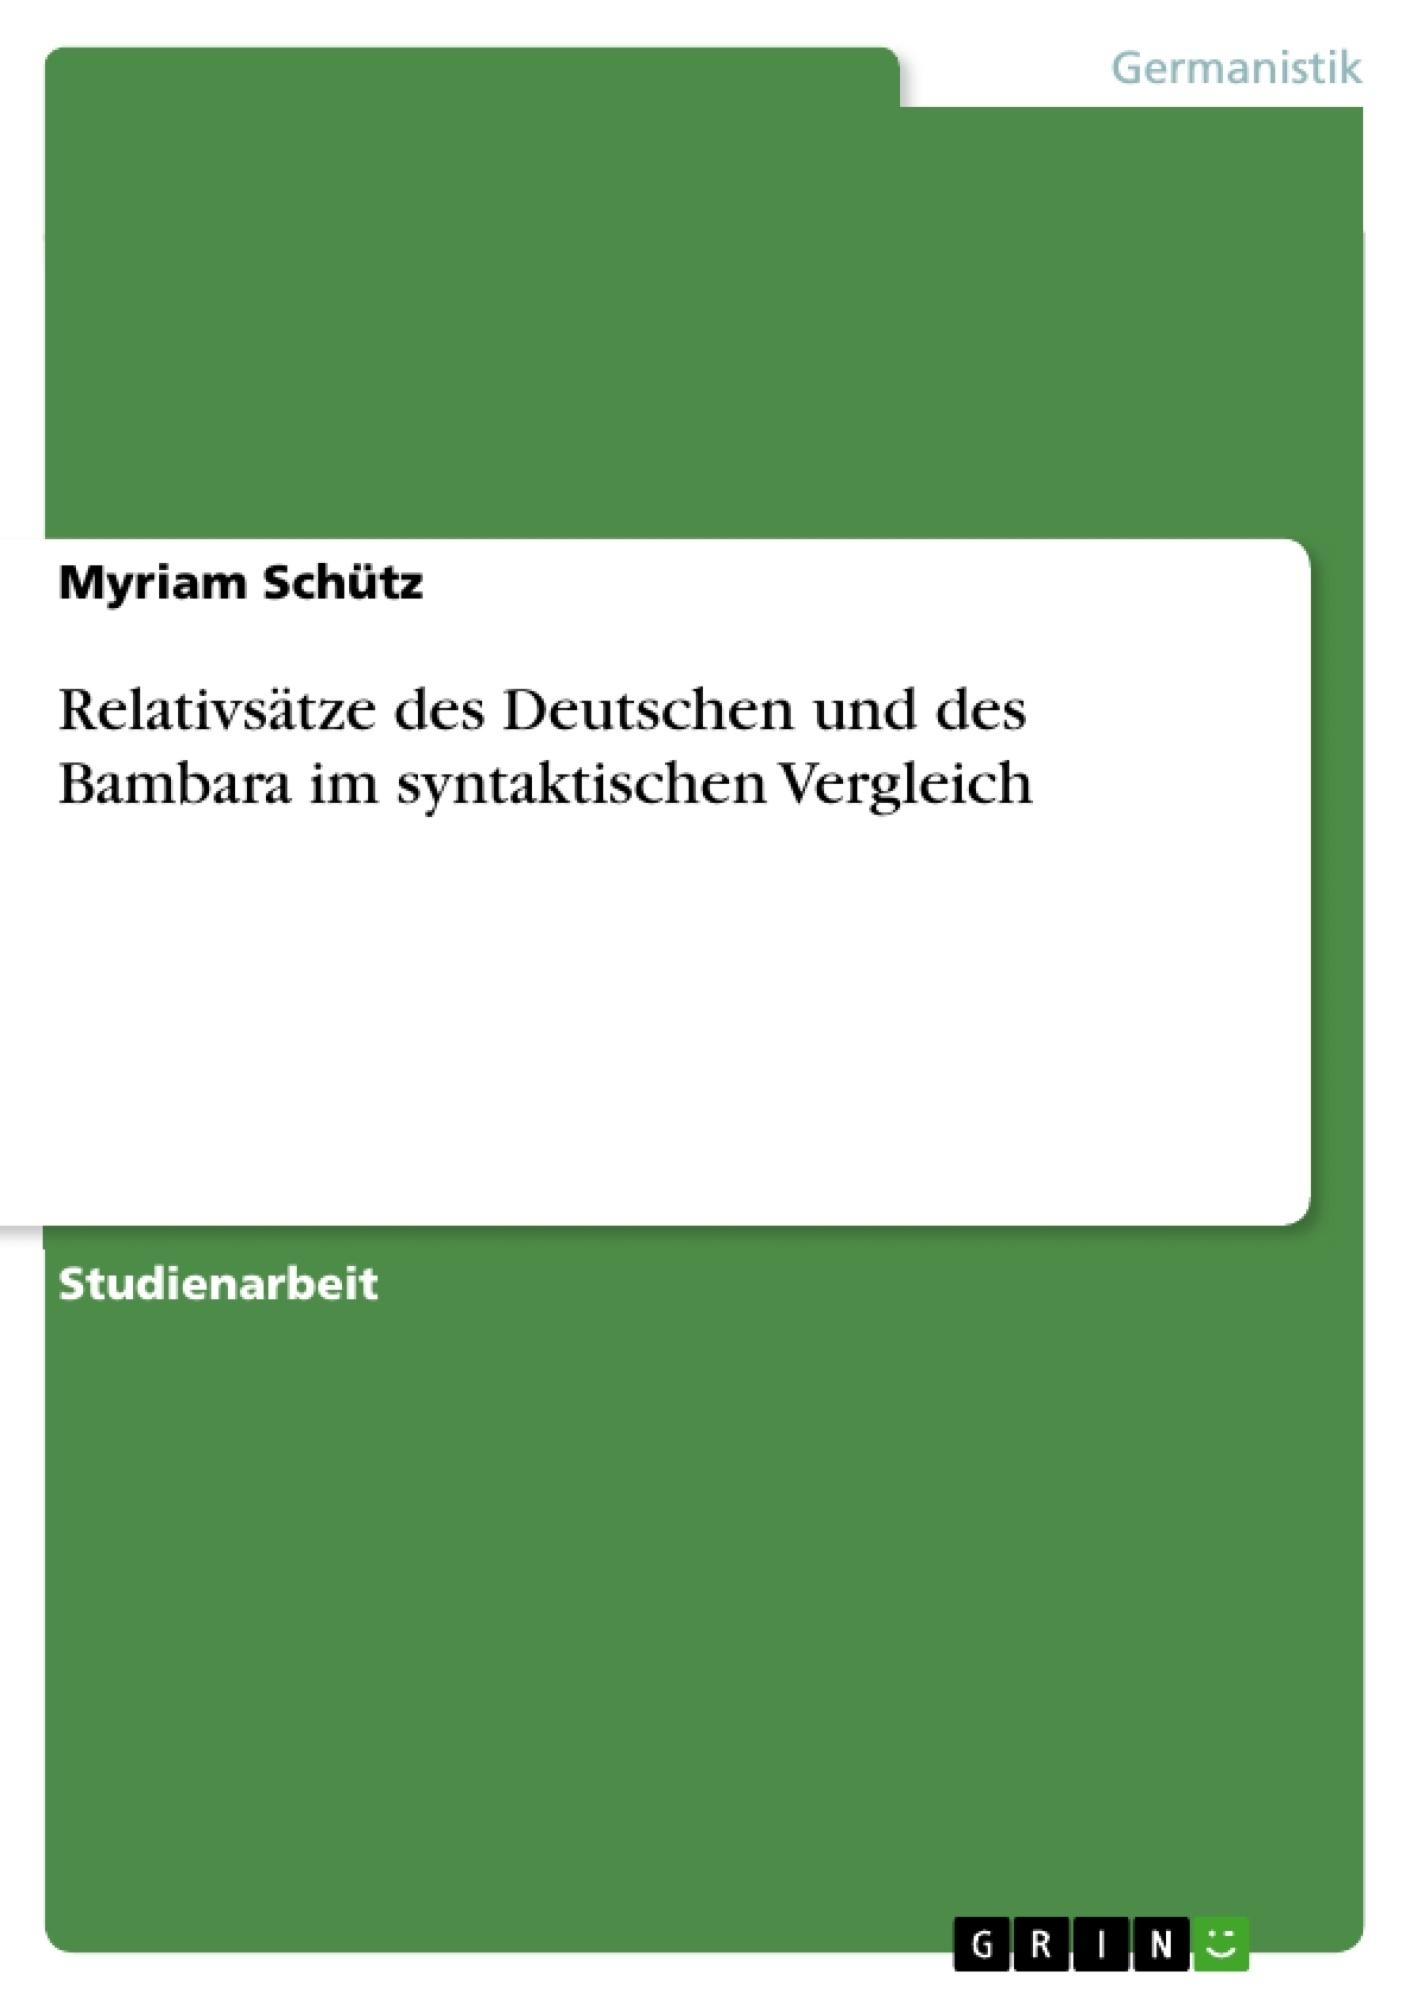 Titel: Relativsätze des Deutschen und des Bambara im syntaktischen Vergleich